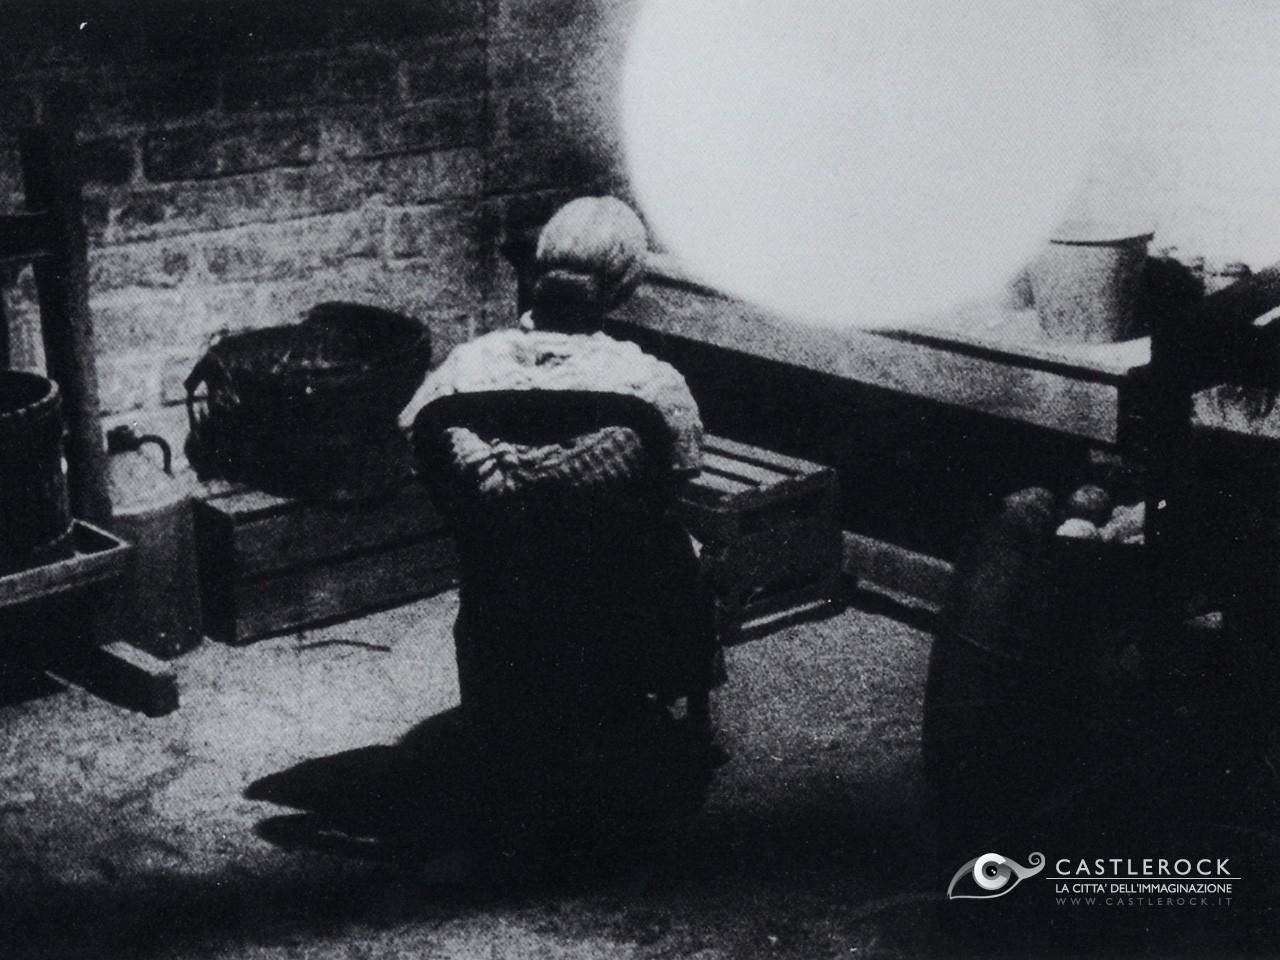 Wallpaper del film Psycho con la signora Bates vista di spalle